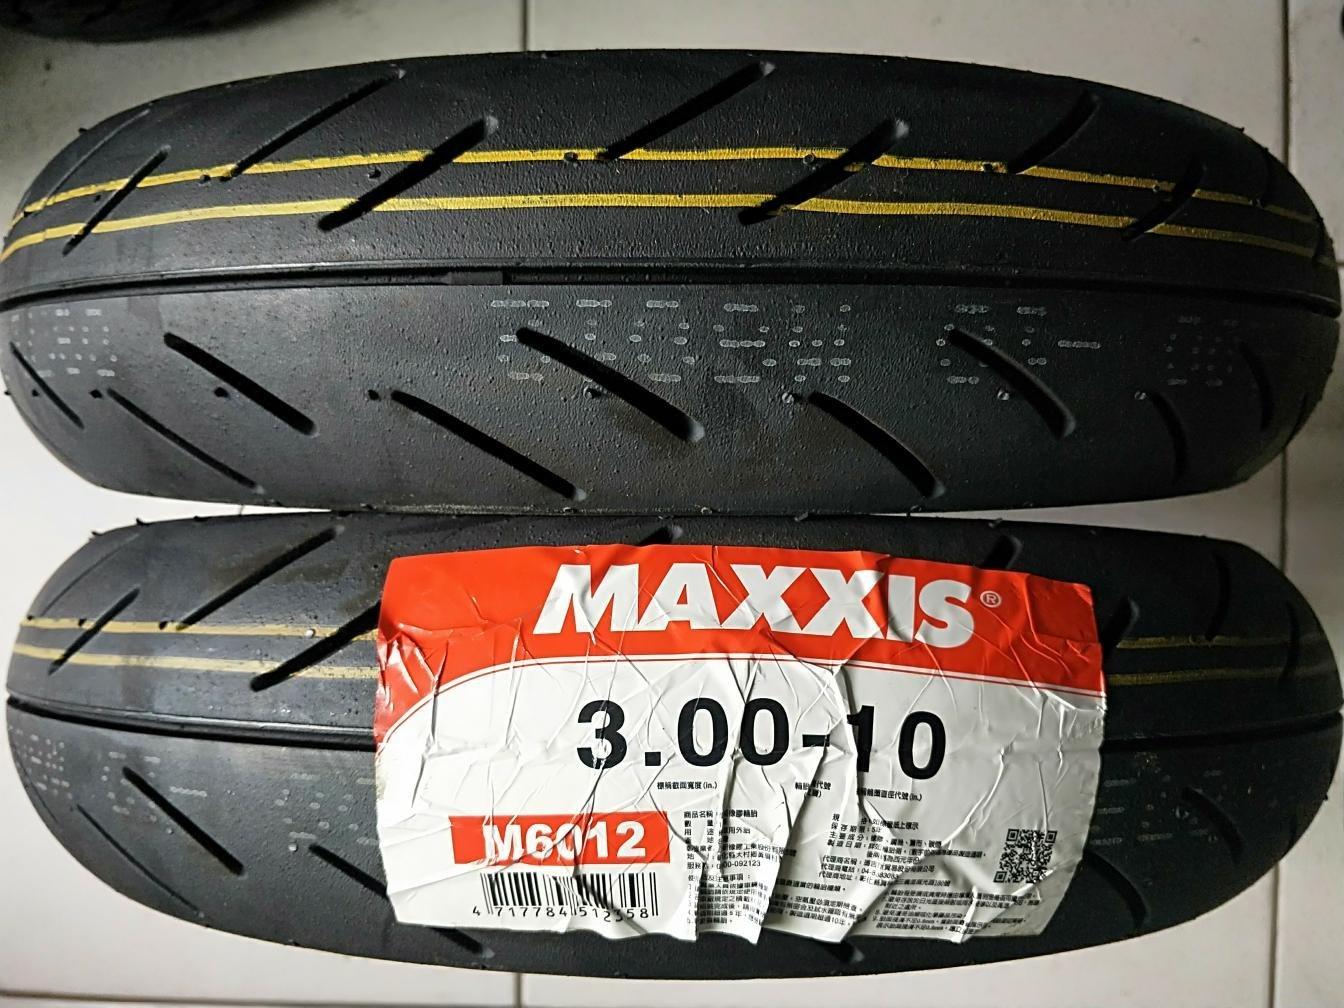 便宜輪胎王 MAXXIS 瑪吉斯m6012全新台製300/10熱熔胎機車、電動車輪胎